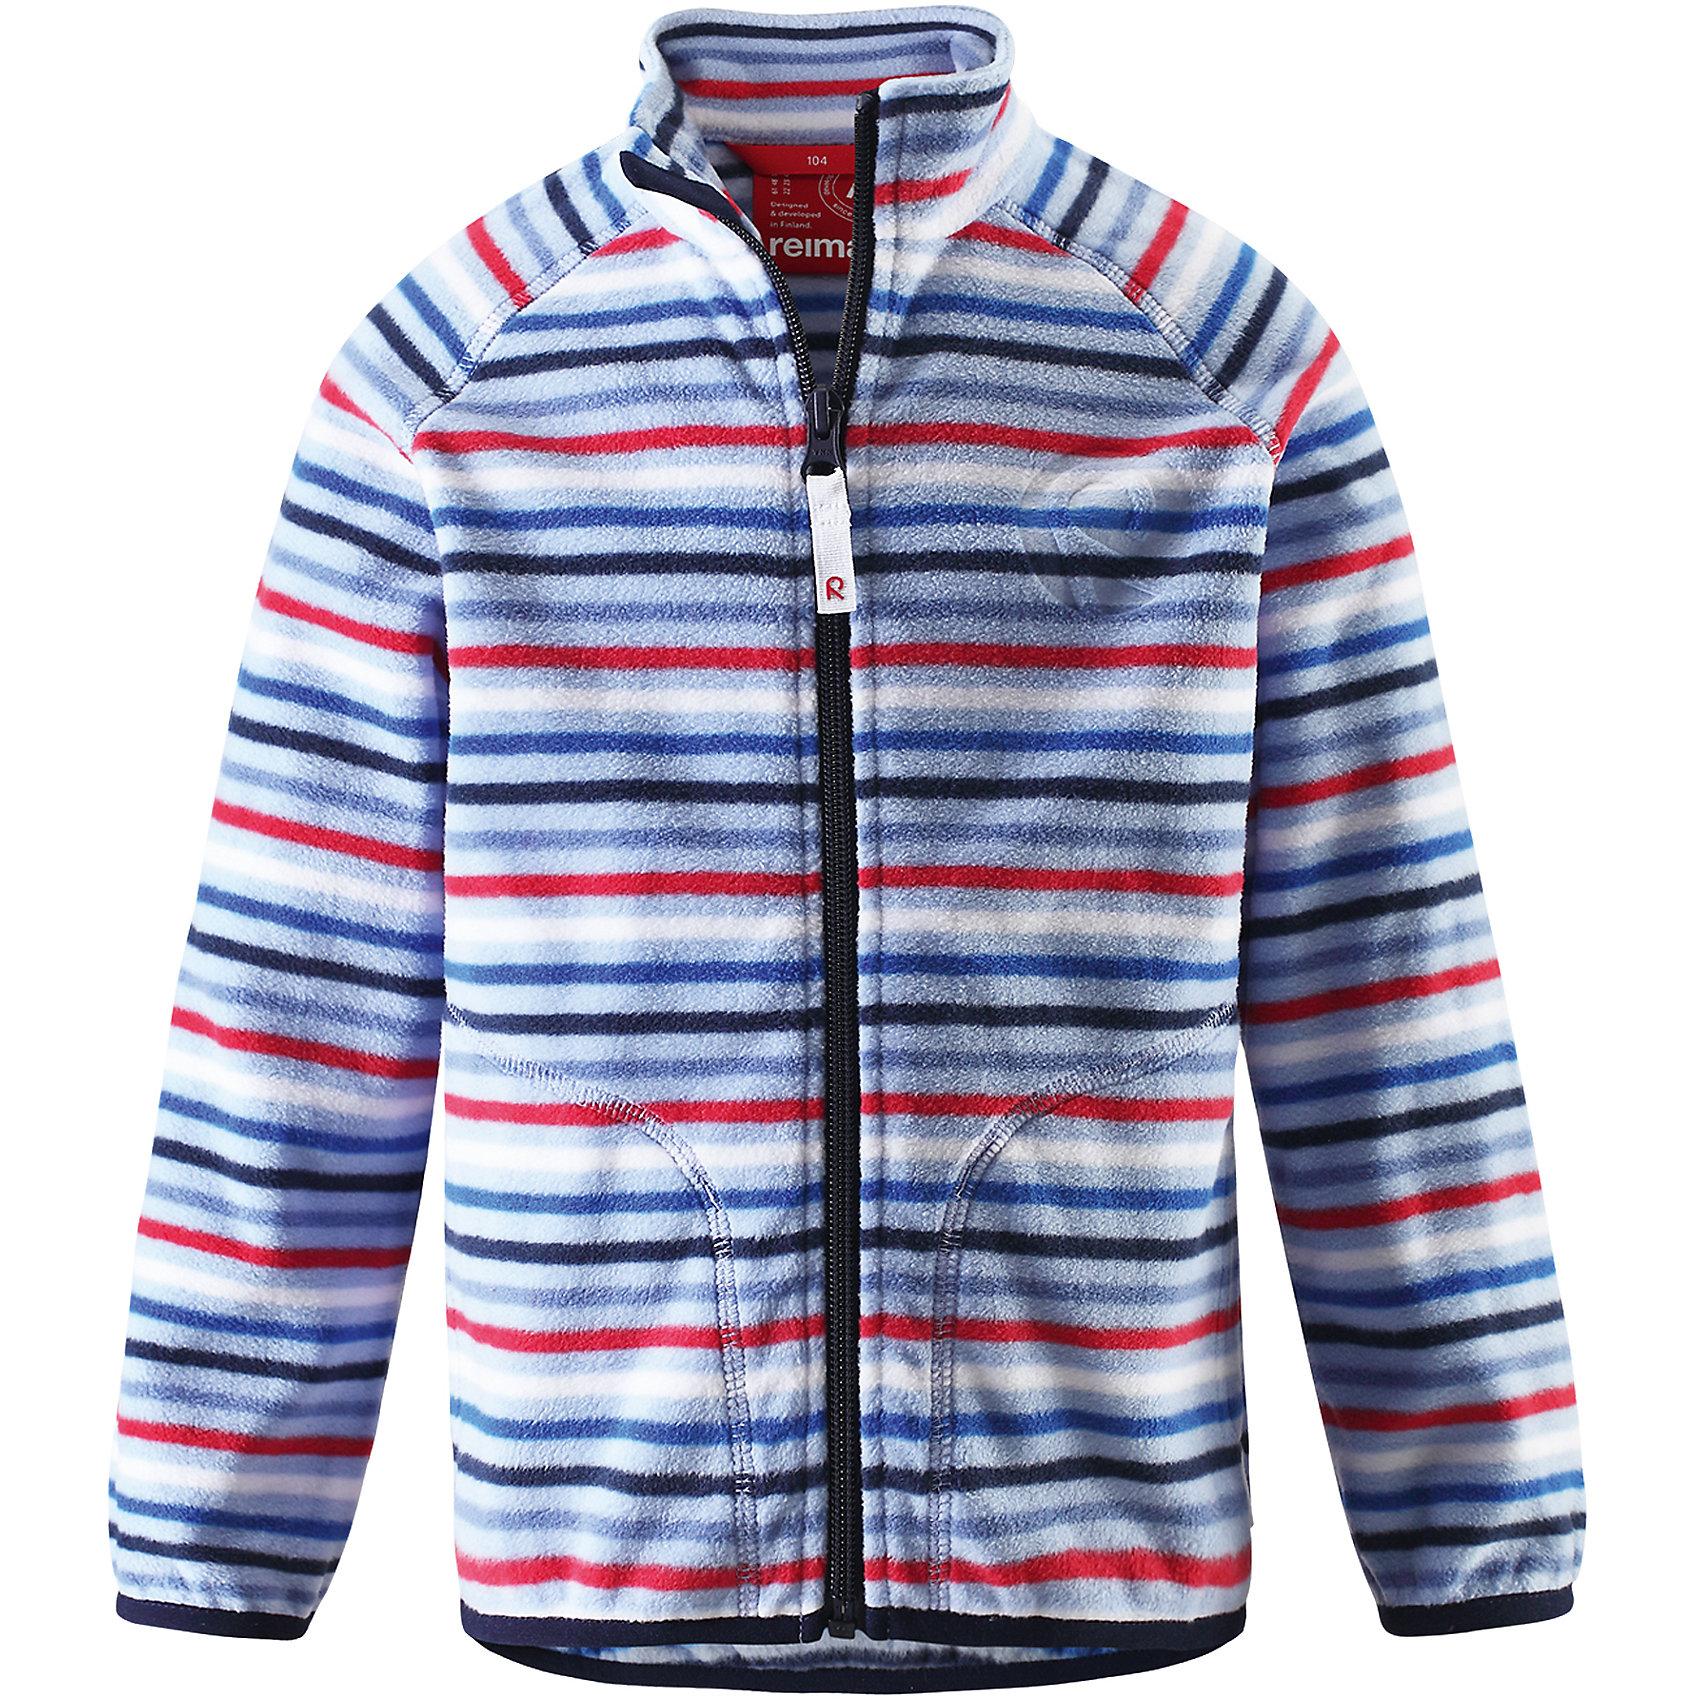 Куртка флисовая Inrun ReimaФлис и термобелье<br>Характеристики товара:<br><br>• цвет: голубой<br>• состав: 100% полиэстер<br>• поларфлис<br>• аппликация<br>• молния<br>• защита подбородка<br>• приятная на ощупь ткань<br>• карманы<br>• может пристегиваться к верхней одежде Reima® кнопками Play Layers®<br>• эластичные манжеты и подол<br>• удлиненная сзади<br>• комфортная посадка<br>• страна производства: Китай<br>• страна бренда: Финляндия<br>• коллекция: весна-лето 2017<br><br>Одежда для детей может быть модной и комфортной одновременно! Удобная курточка поможет обеспечить ребенку комфорт и тепло. Изделие сшито из поларфлис - мягкого и теплого материала, приятного на ощупь. Модель стильно смотрится, отлично сочетается с различным низом. Стильный дизайн разрабатывался специально для детей.<br><br>Одежда и обувь от финского бренда Reima пользуется популярностью во многих странах. Эти изделия стильные, качественные и удобные. Для производства продукции используются только безопасные, проверенные материалы и фурнитура. Порадуйте ребенка модными и красивыми вещами от Reima! <br><br>Куртку флисовую для мальчика от финского бренда Reima (Рейма) можно купить в нашем интернет-магазине.<br><br>Ширина мм: 356<br>Глубина мм: 10<br>Высота мм: 245<br>Вес г: 519<br>Цвет: синий<br>Возраст от месяцев: 18<br>Возраст до месяцев: 24<br>Пол: Унисекс<br>Возраст: Детский<br>Размер: 92,140,134,128,122,116,110,104,98<br>SKU: 5268136